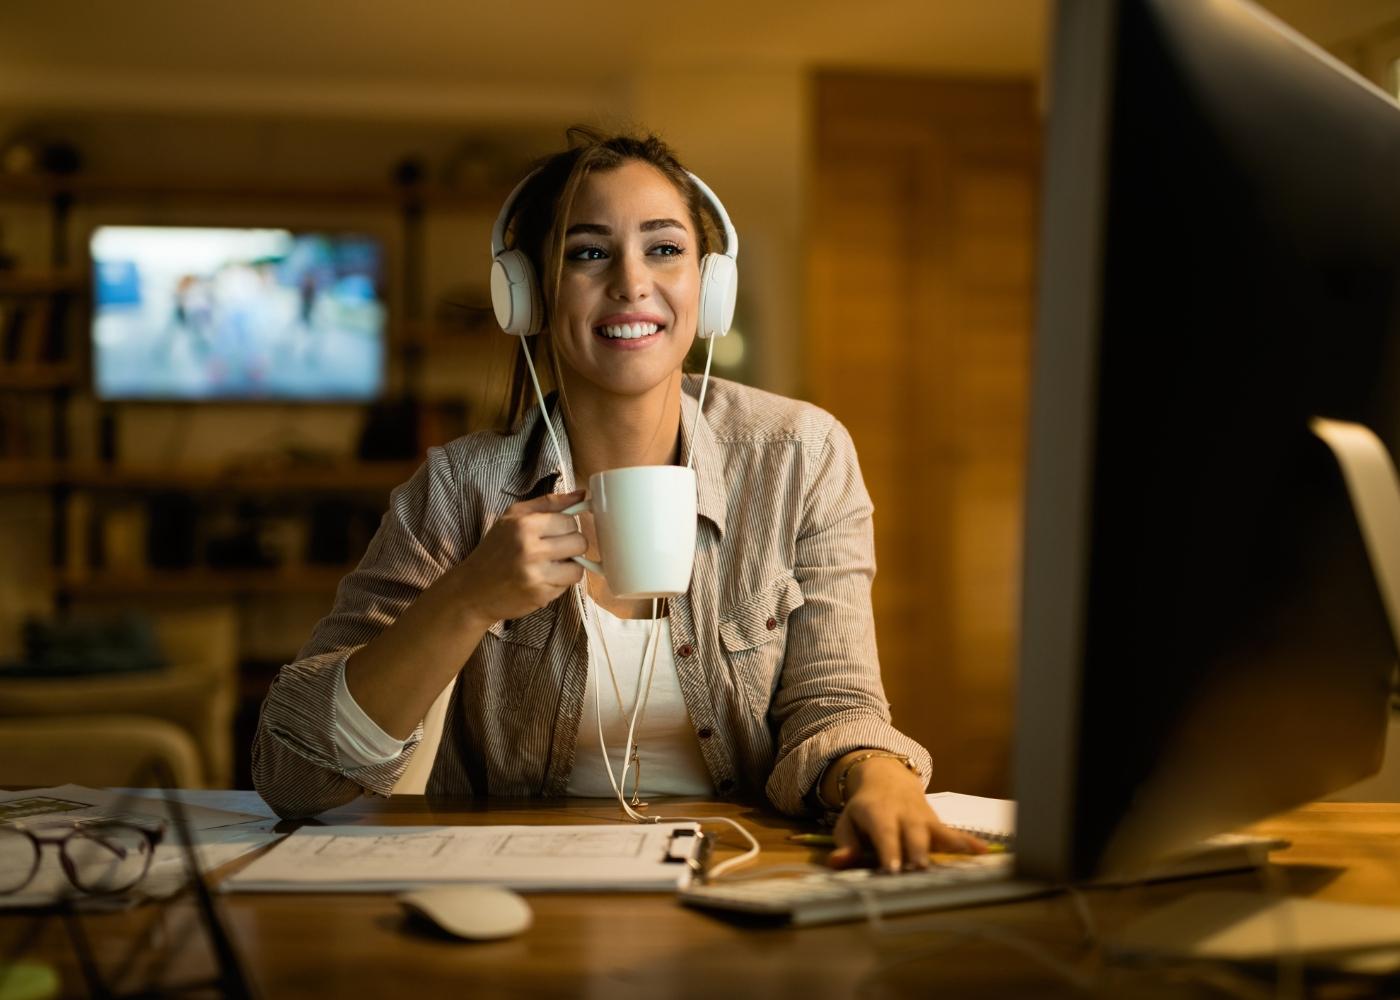 mulher em teletrabalho a mostrar felicidade no trabalho é possível em casa